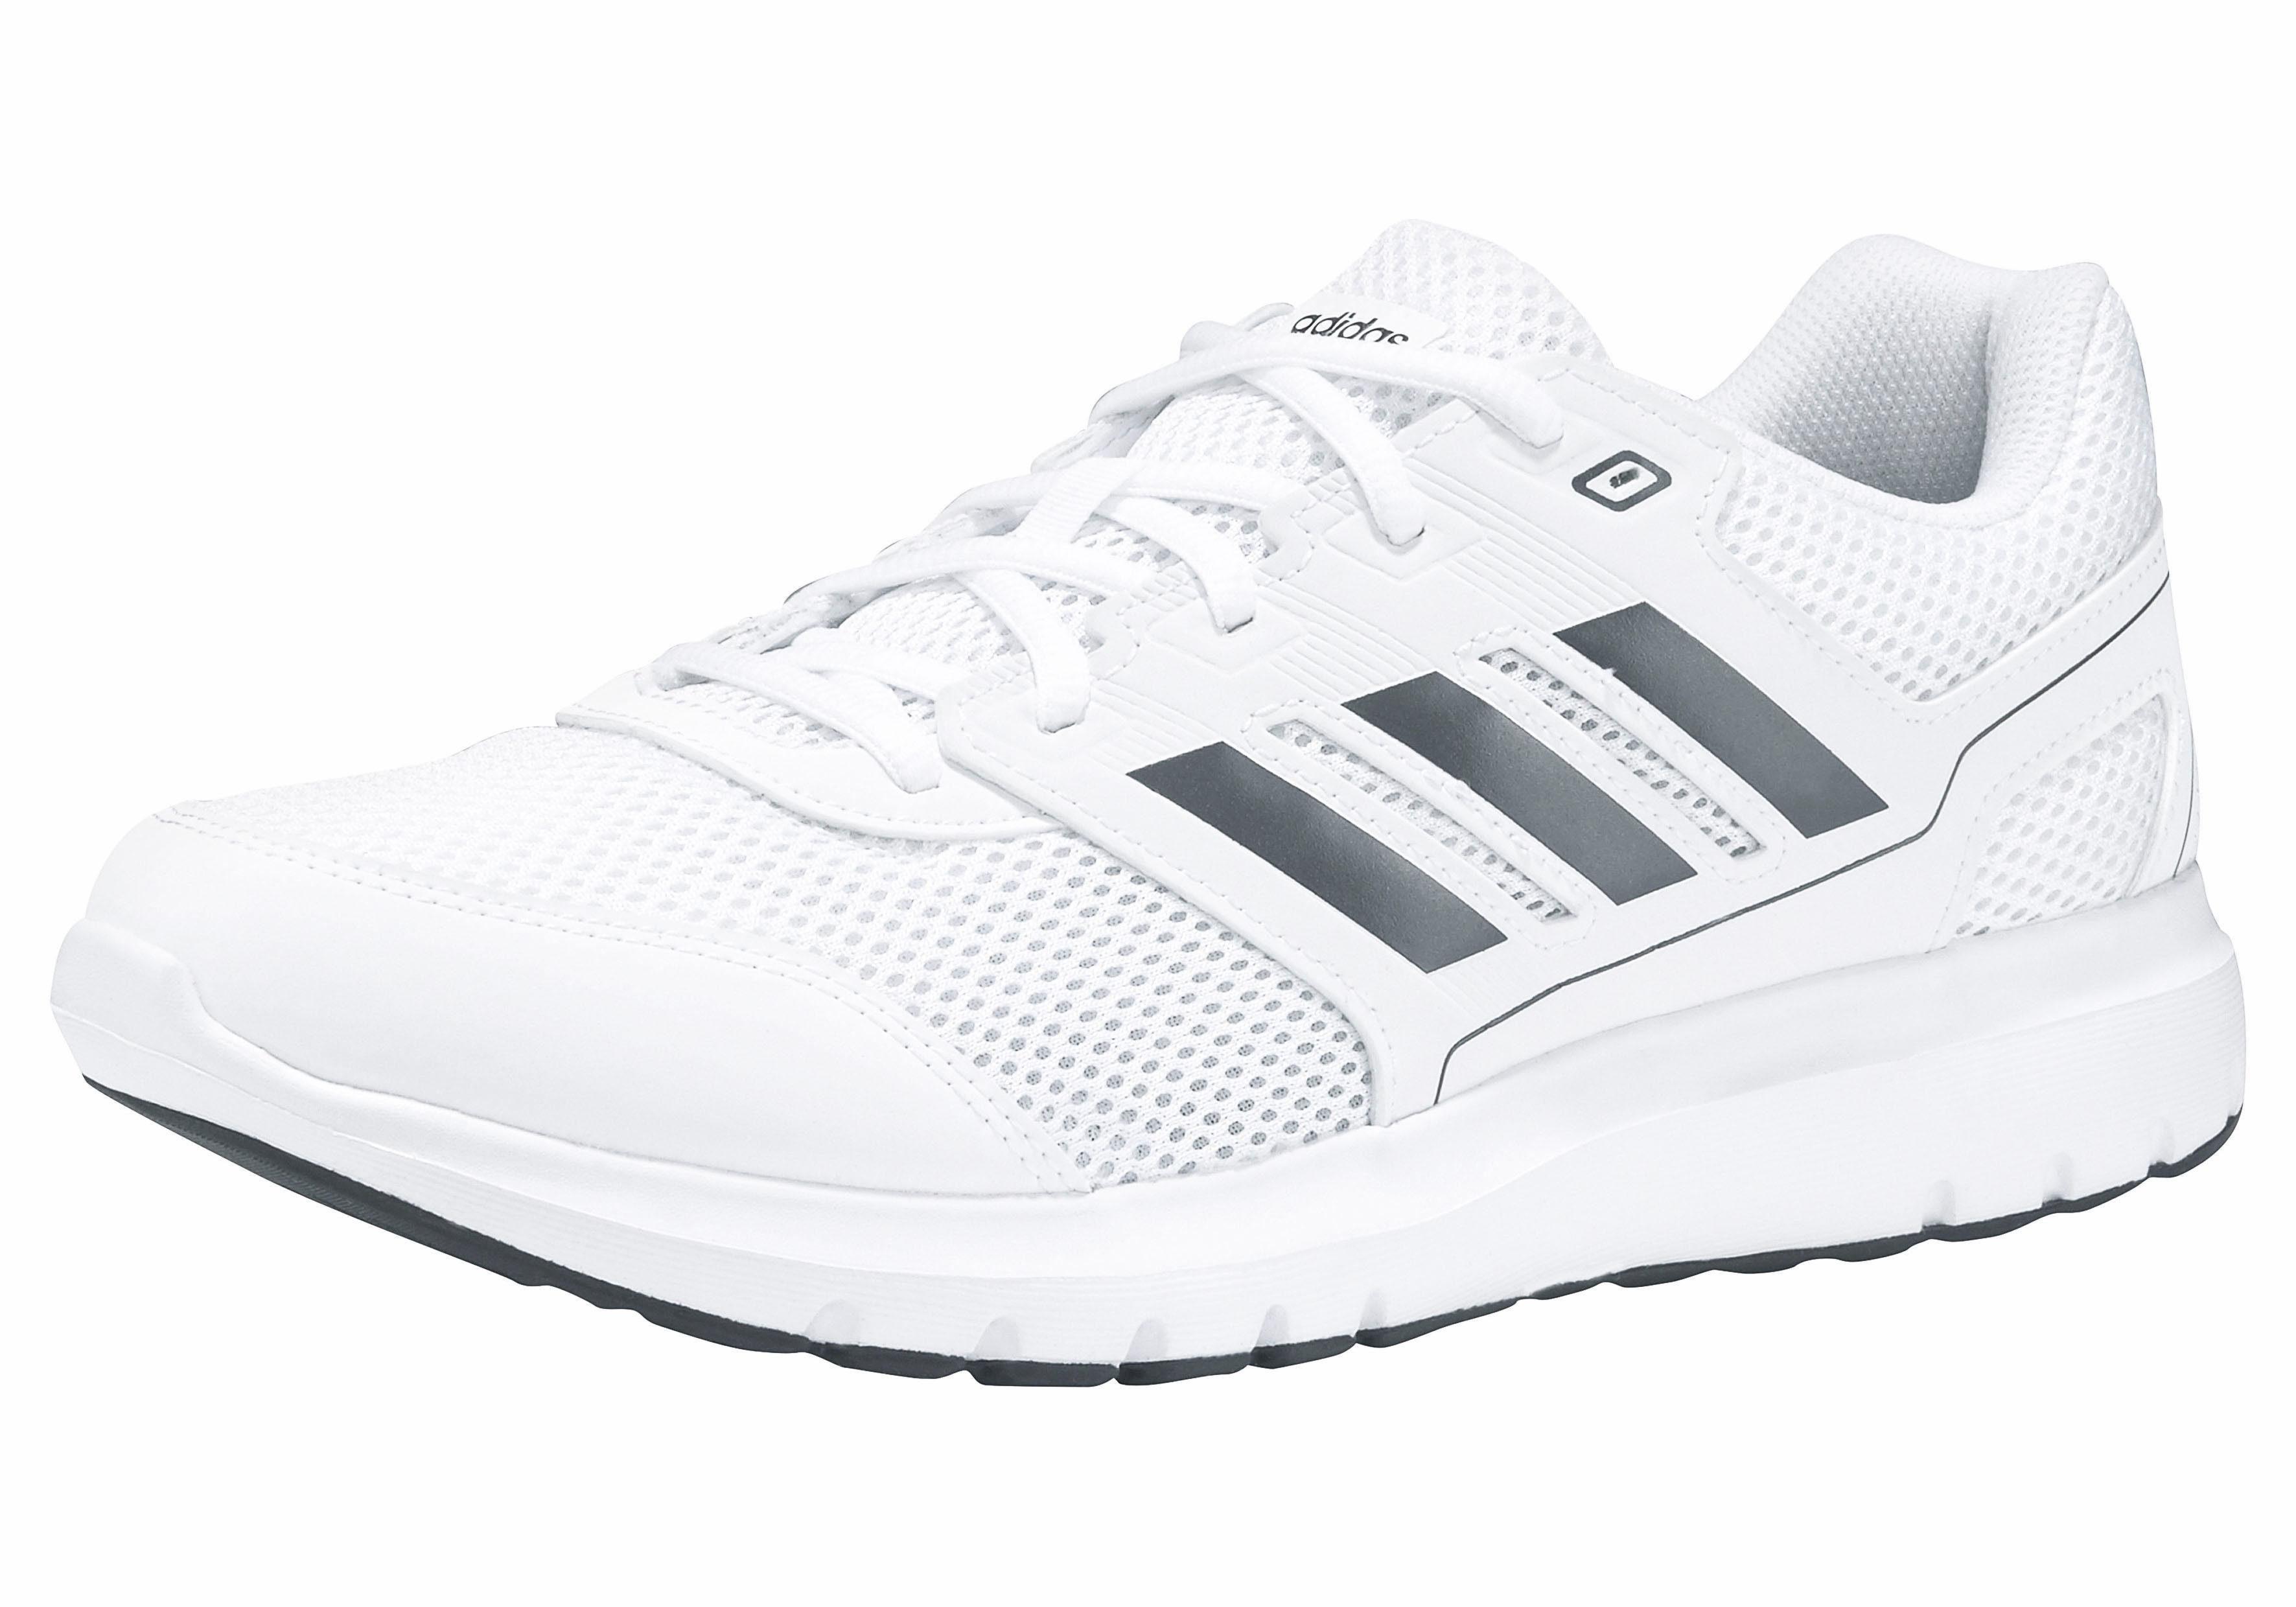 adidas »Duramo Lite 2.0 M« Laufschuh, Leichter Laufschuh von adidas online  kaufen | OTTO